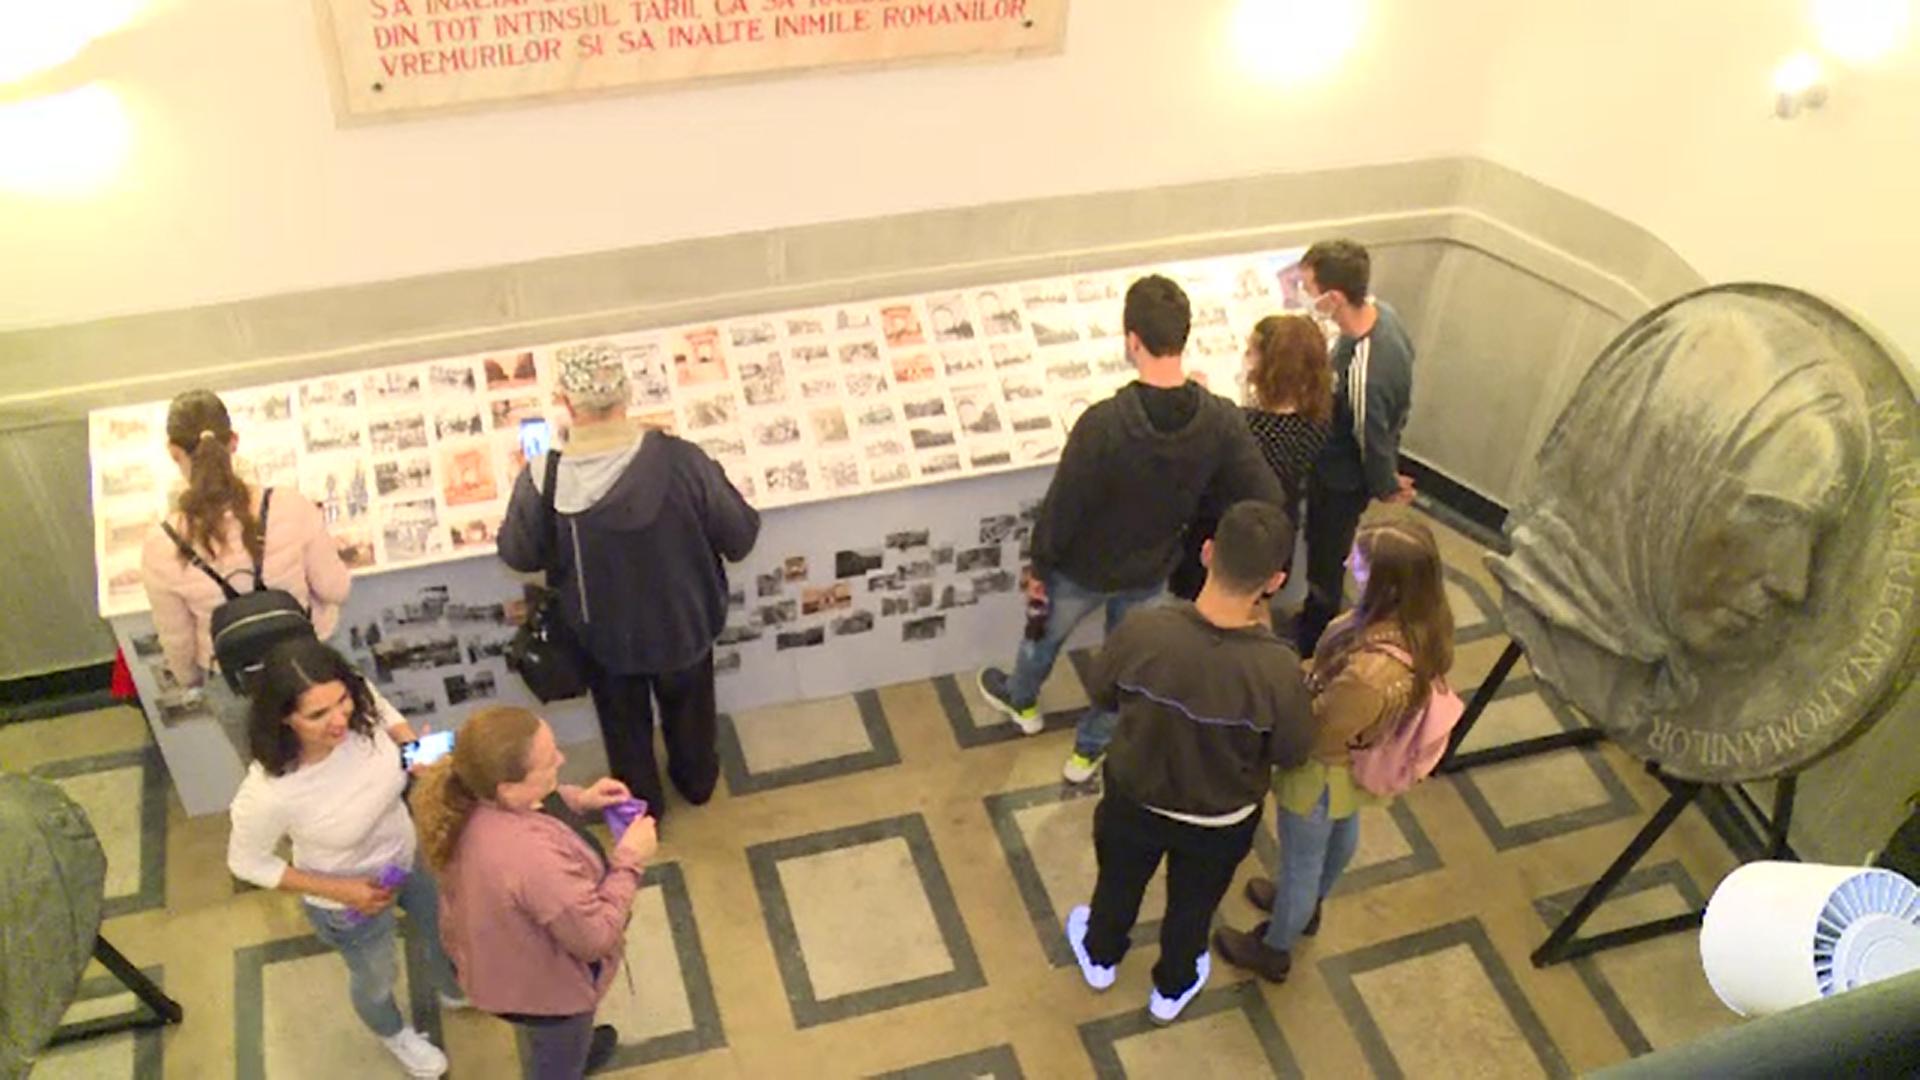 Noaptea muzeelor 2021. Românii au trecut în număr mare pragul instituțiilor de cultură deschise până târziu